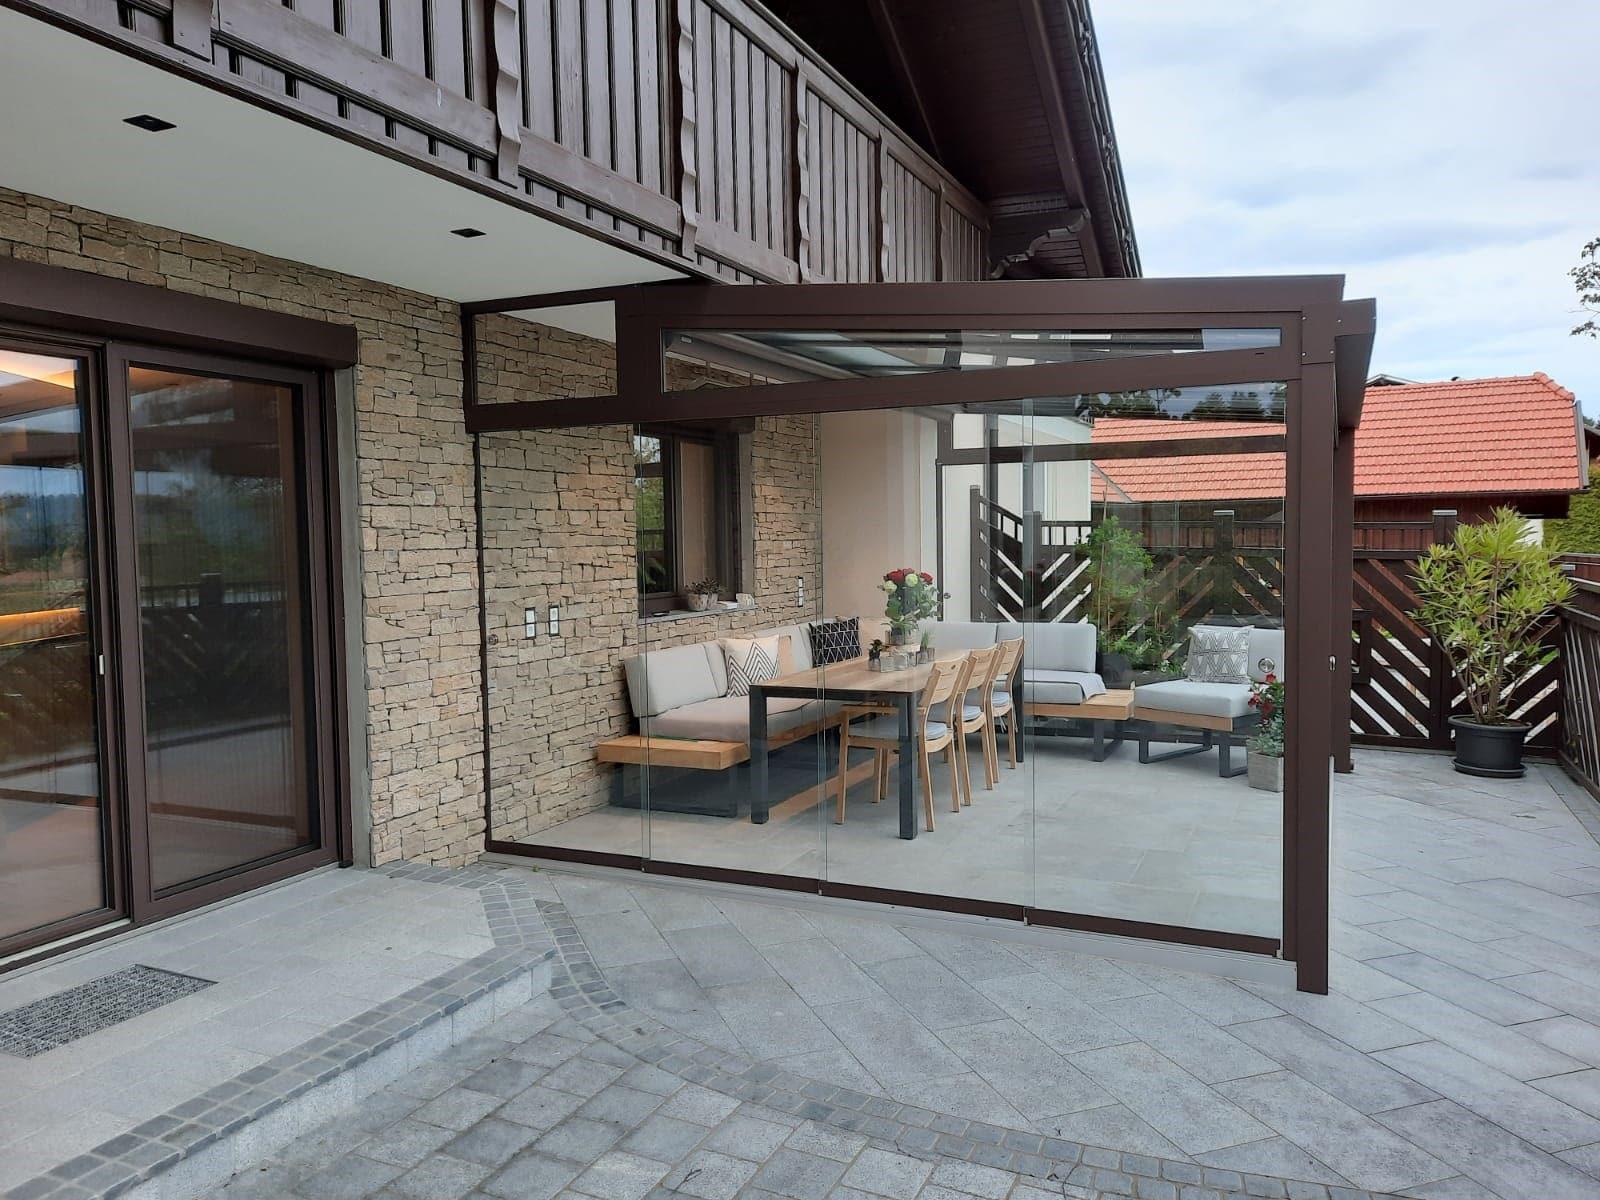 Sommergarten Verglasung in 4727 Eschenau im Hausruck